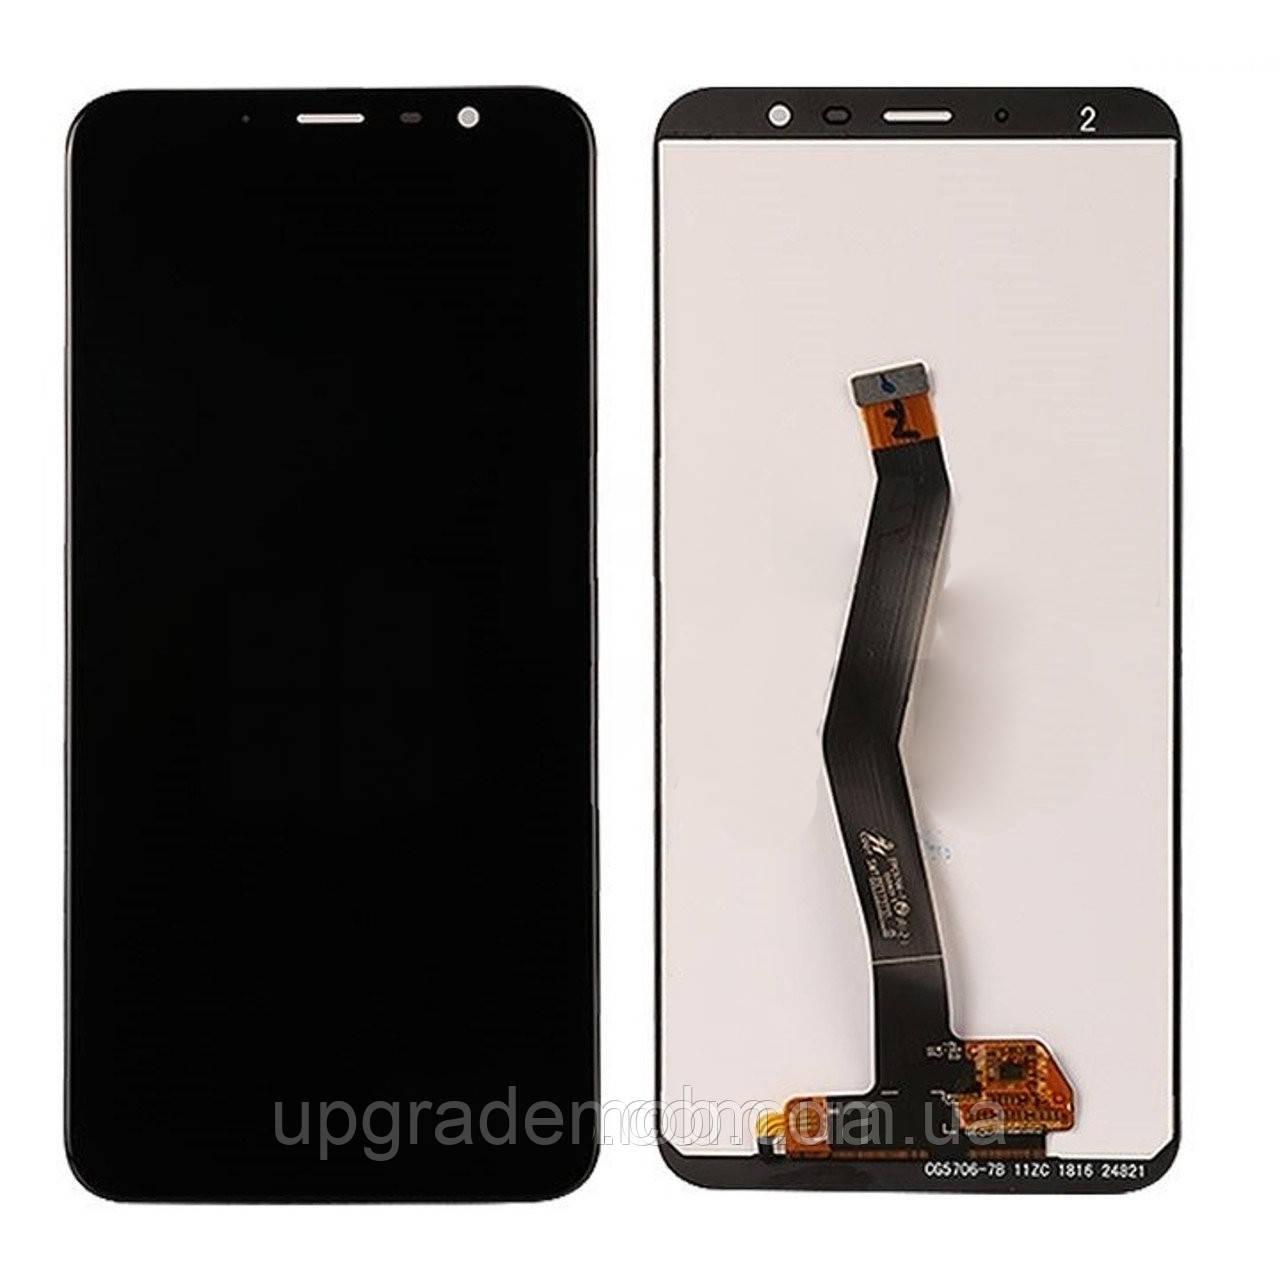 Дисплей Meizu M6T M811 тачскрин модуль черный